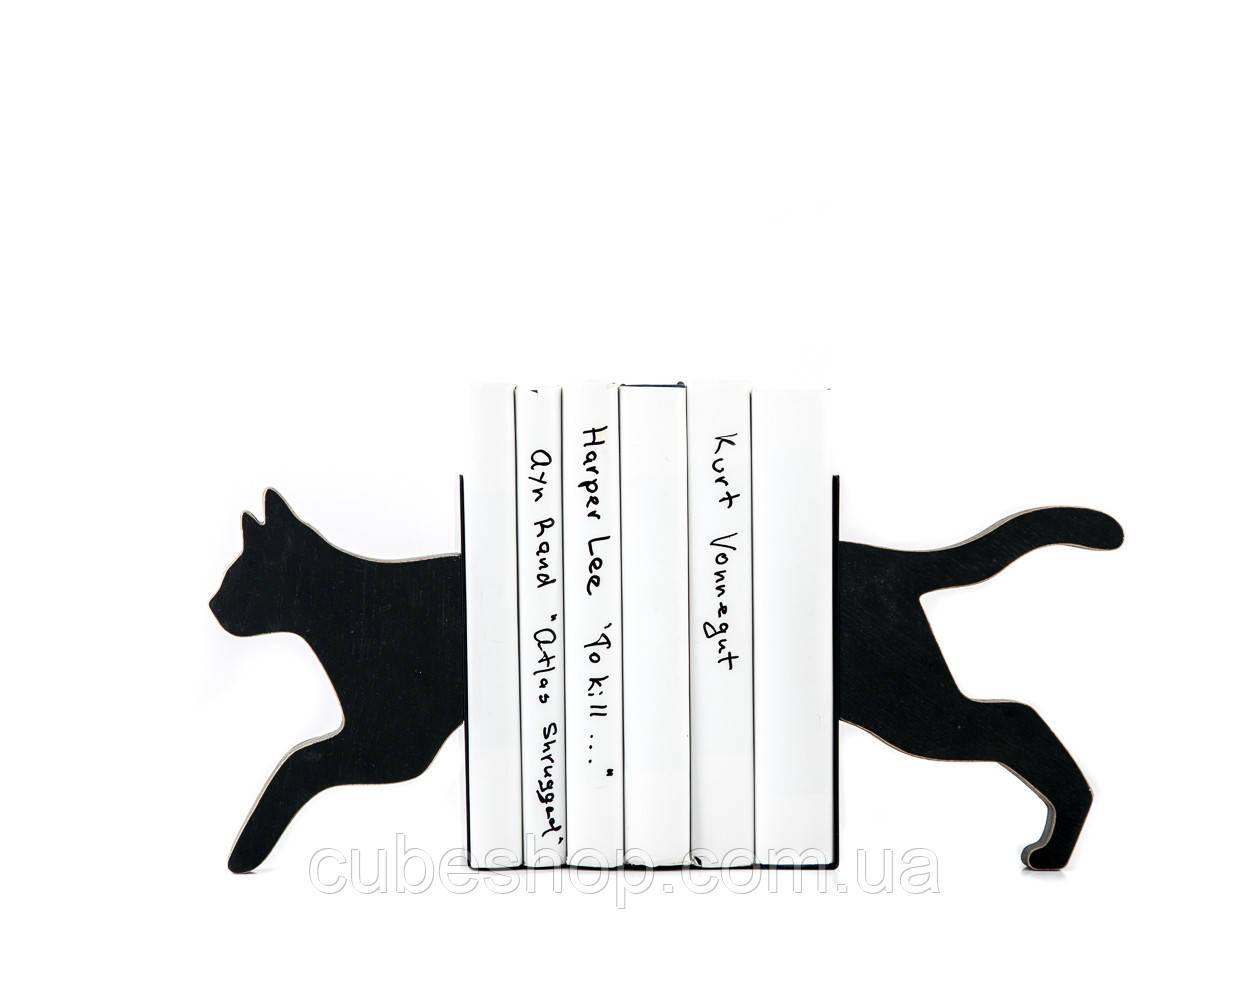 Упоры Бегущая Кошка (дерево)